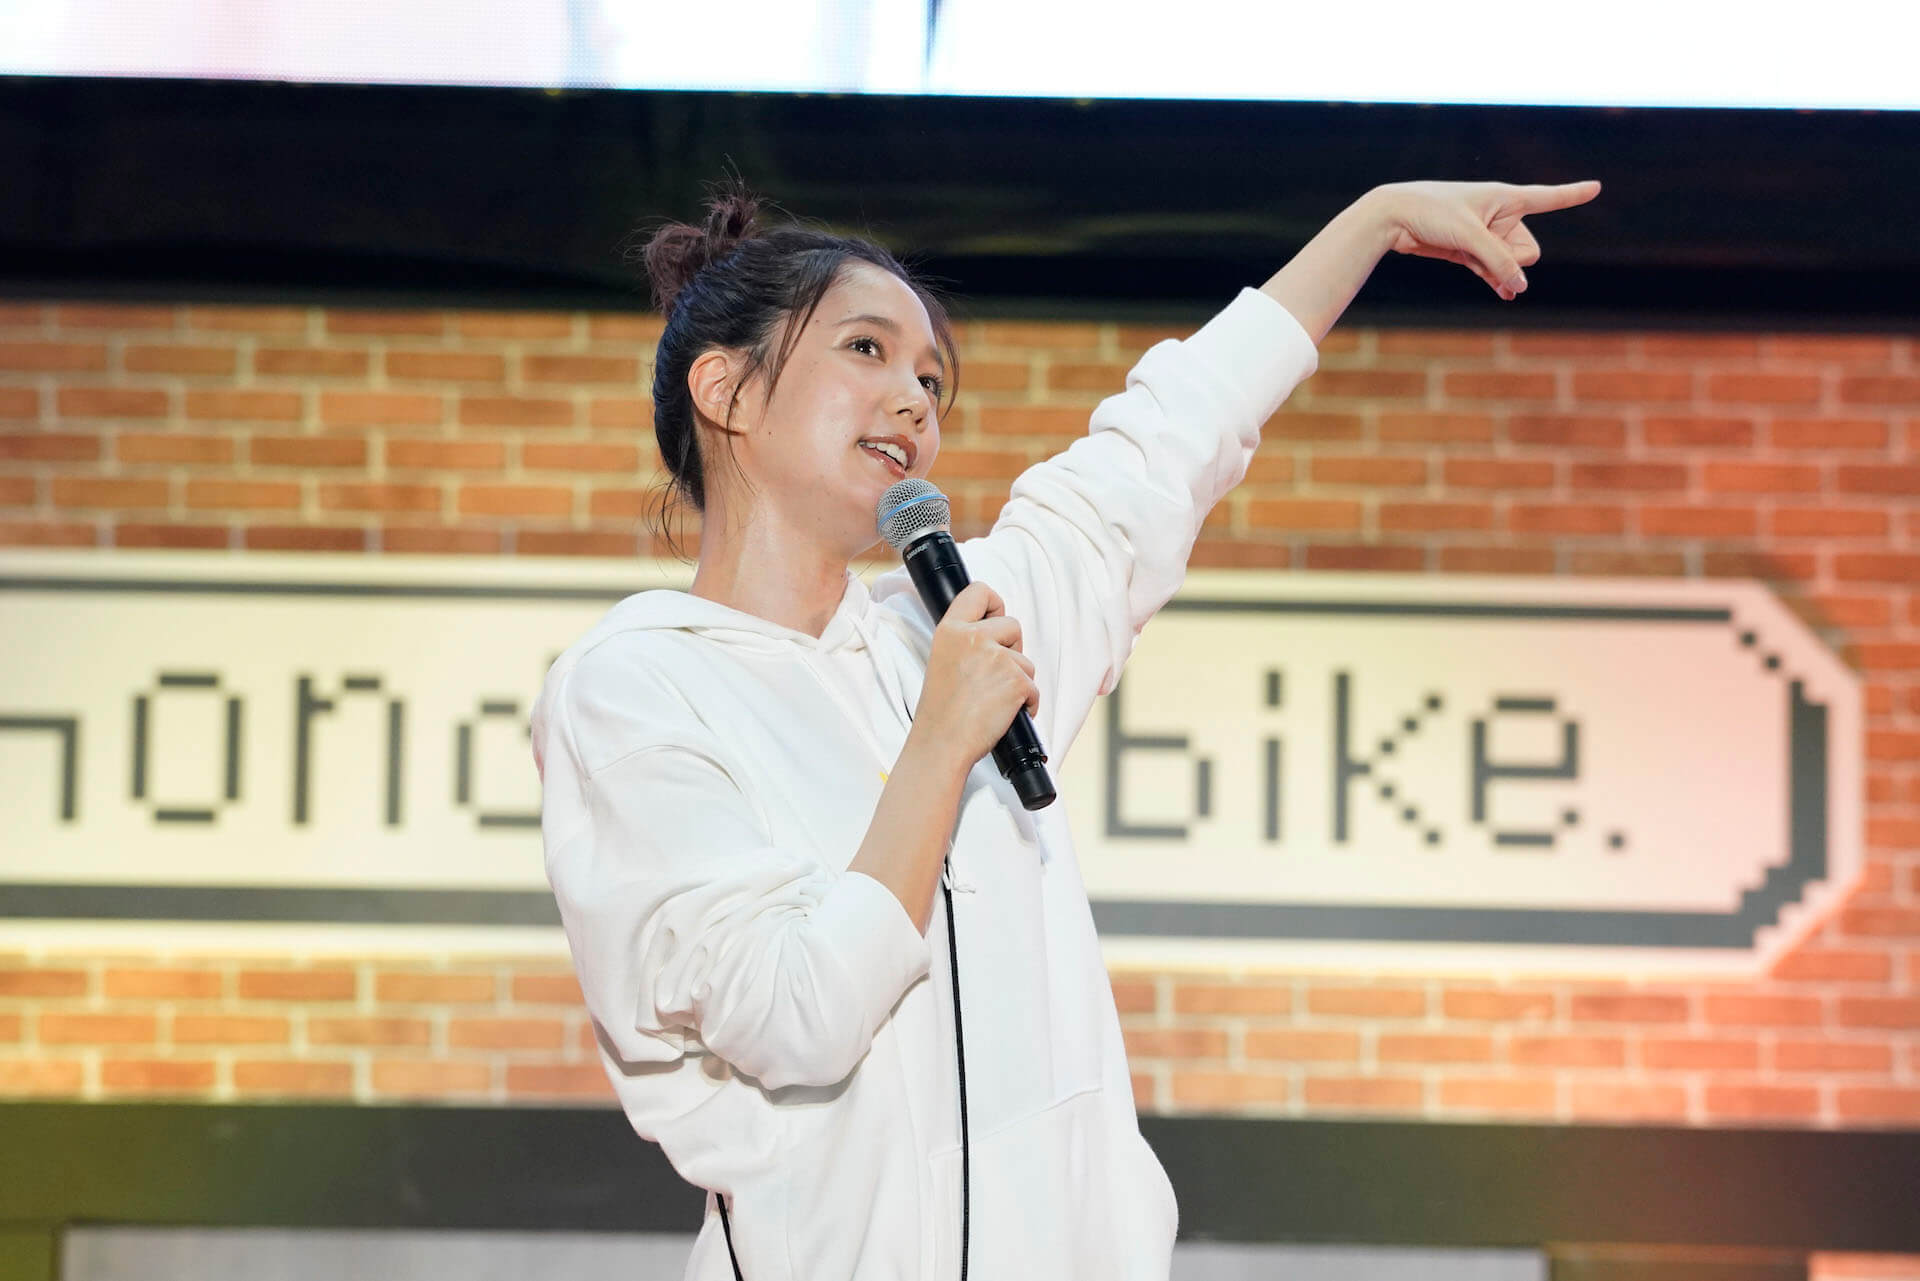 本田翼、YouTubeアカウントほんだのばいく開設1周年イベントで大興奮!レポートが到着 art191023_hondanobike_6